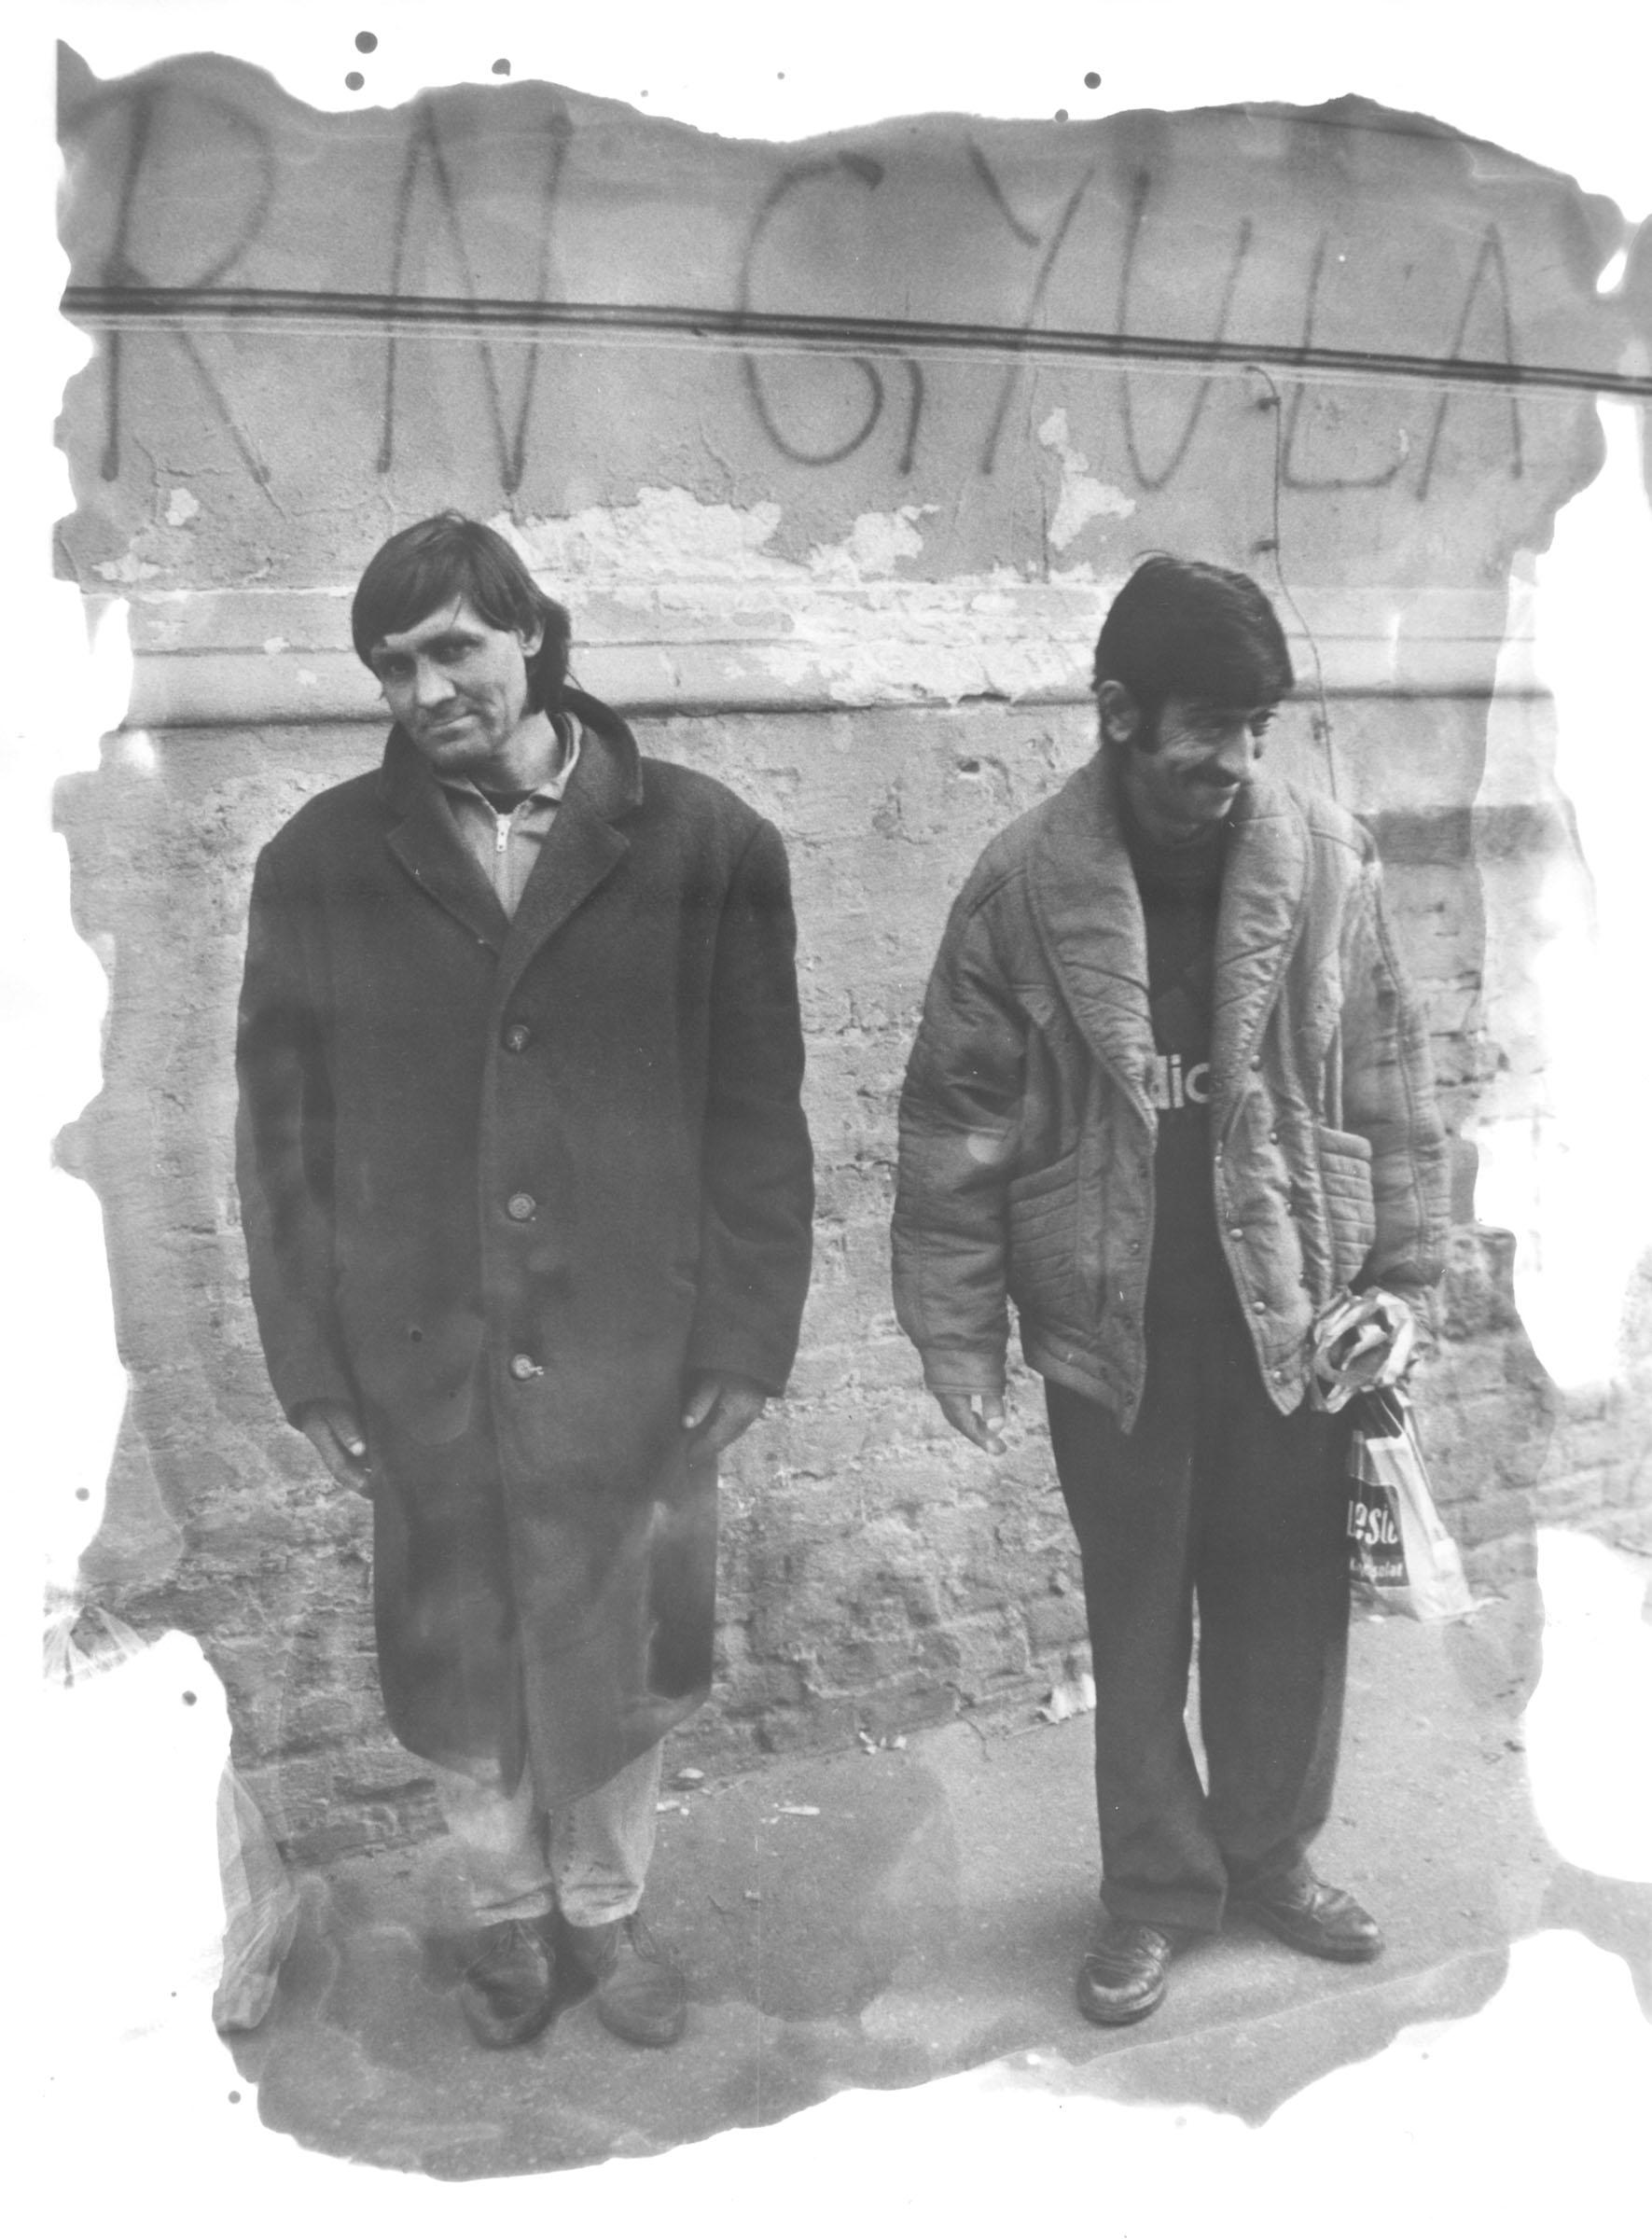 2004.09.18. Hétköznapok fotópályázat - Sebők Szilvia - Az utca embere.jpg